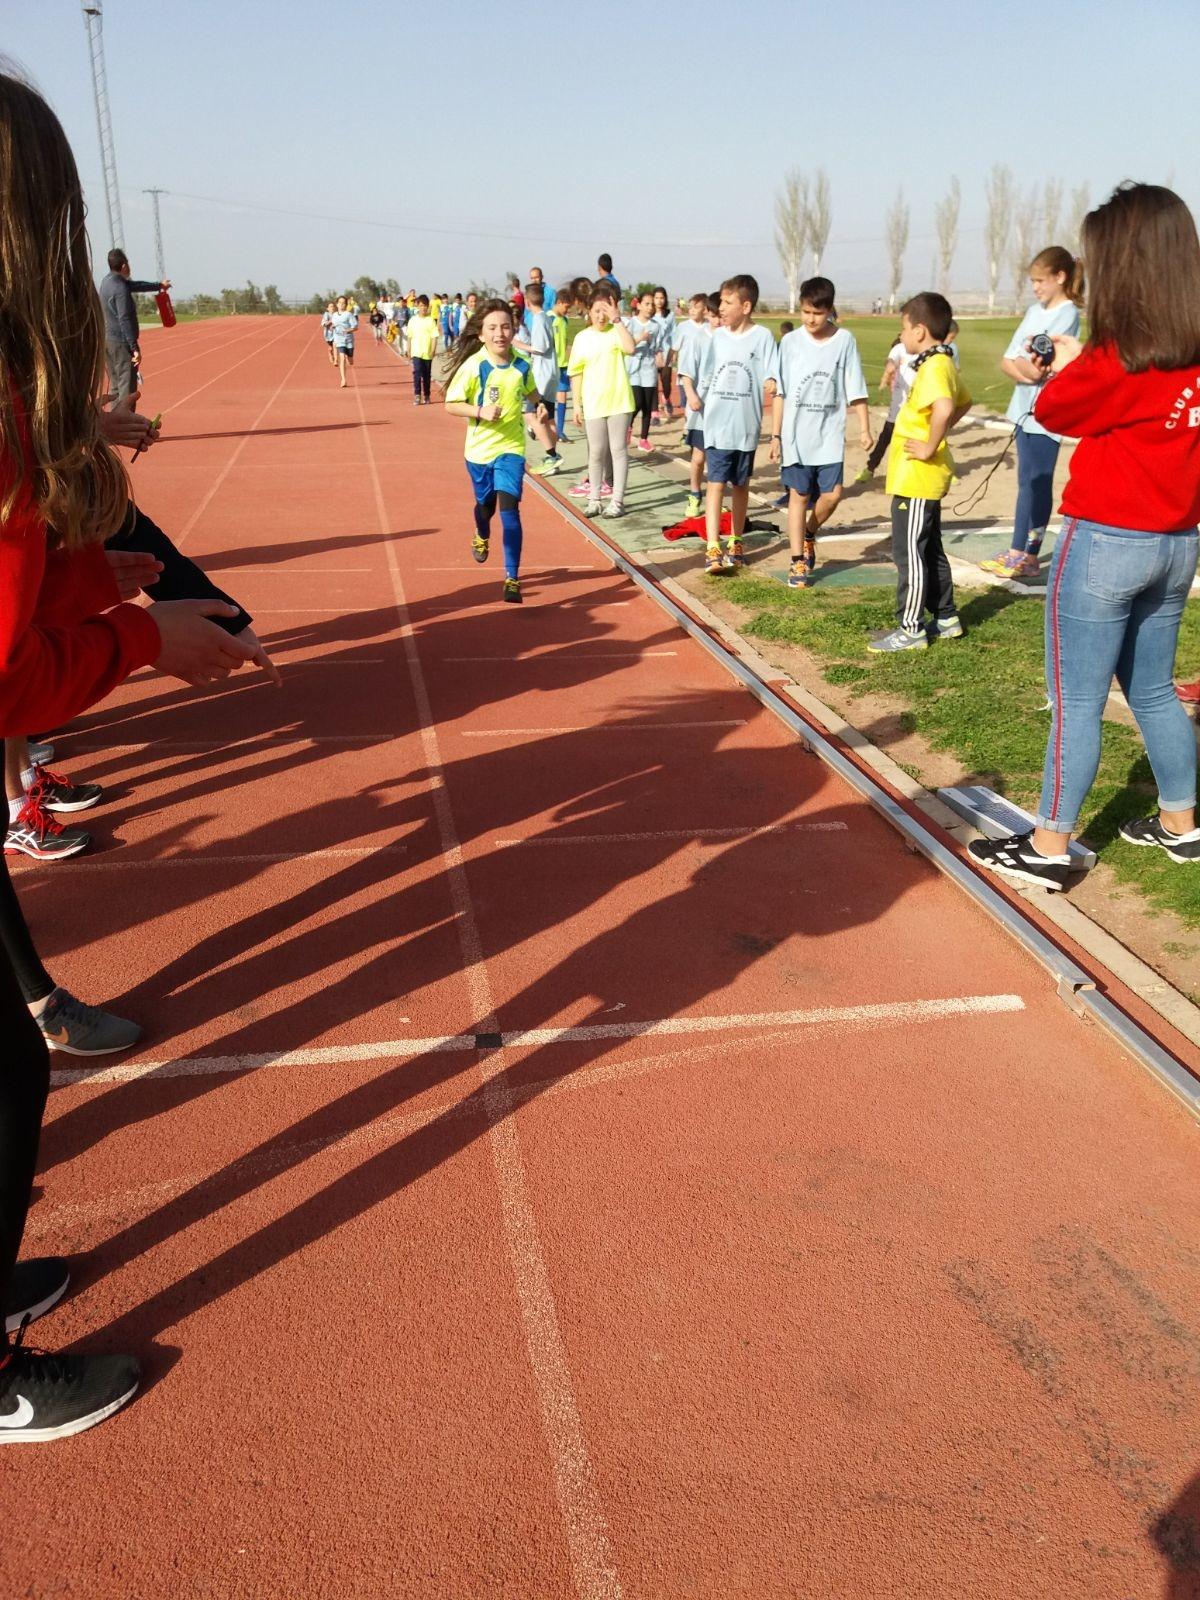 martes en el gimnasio del IES Alcrebite y jueves en las pistas de Atletismo